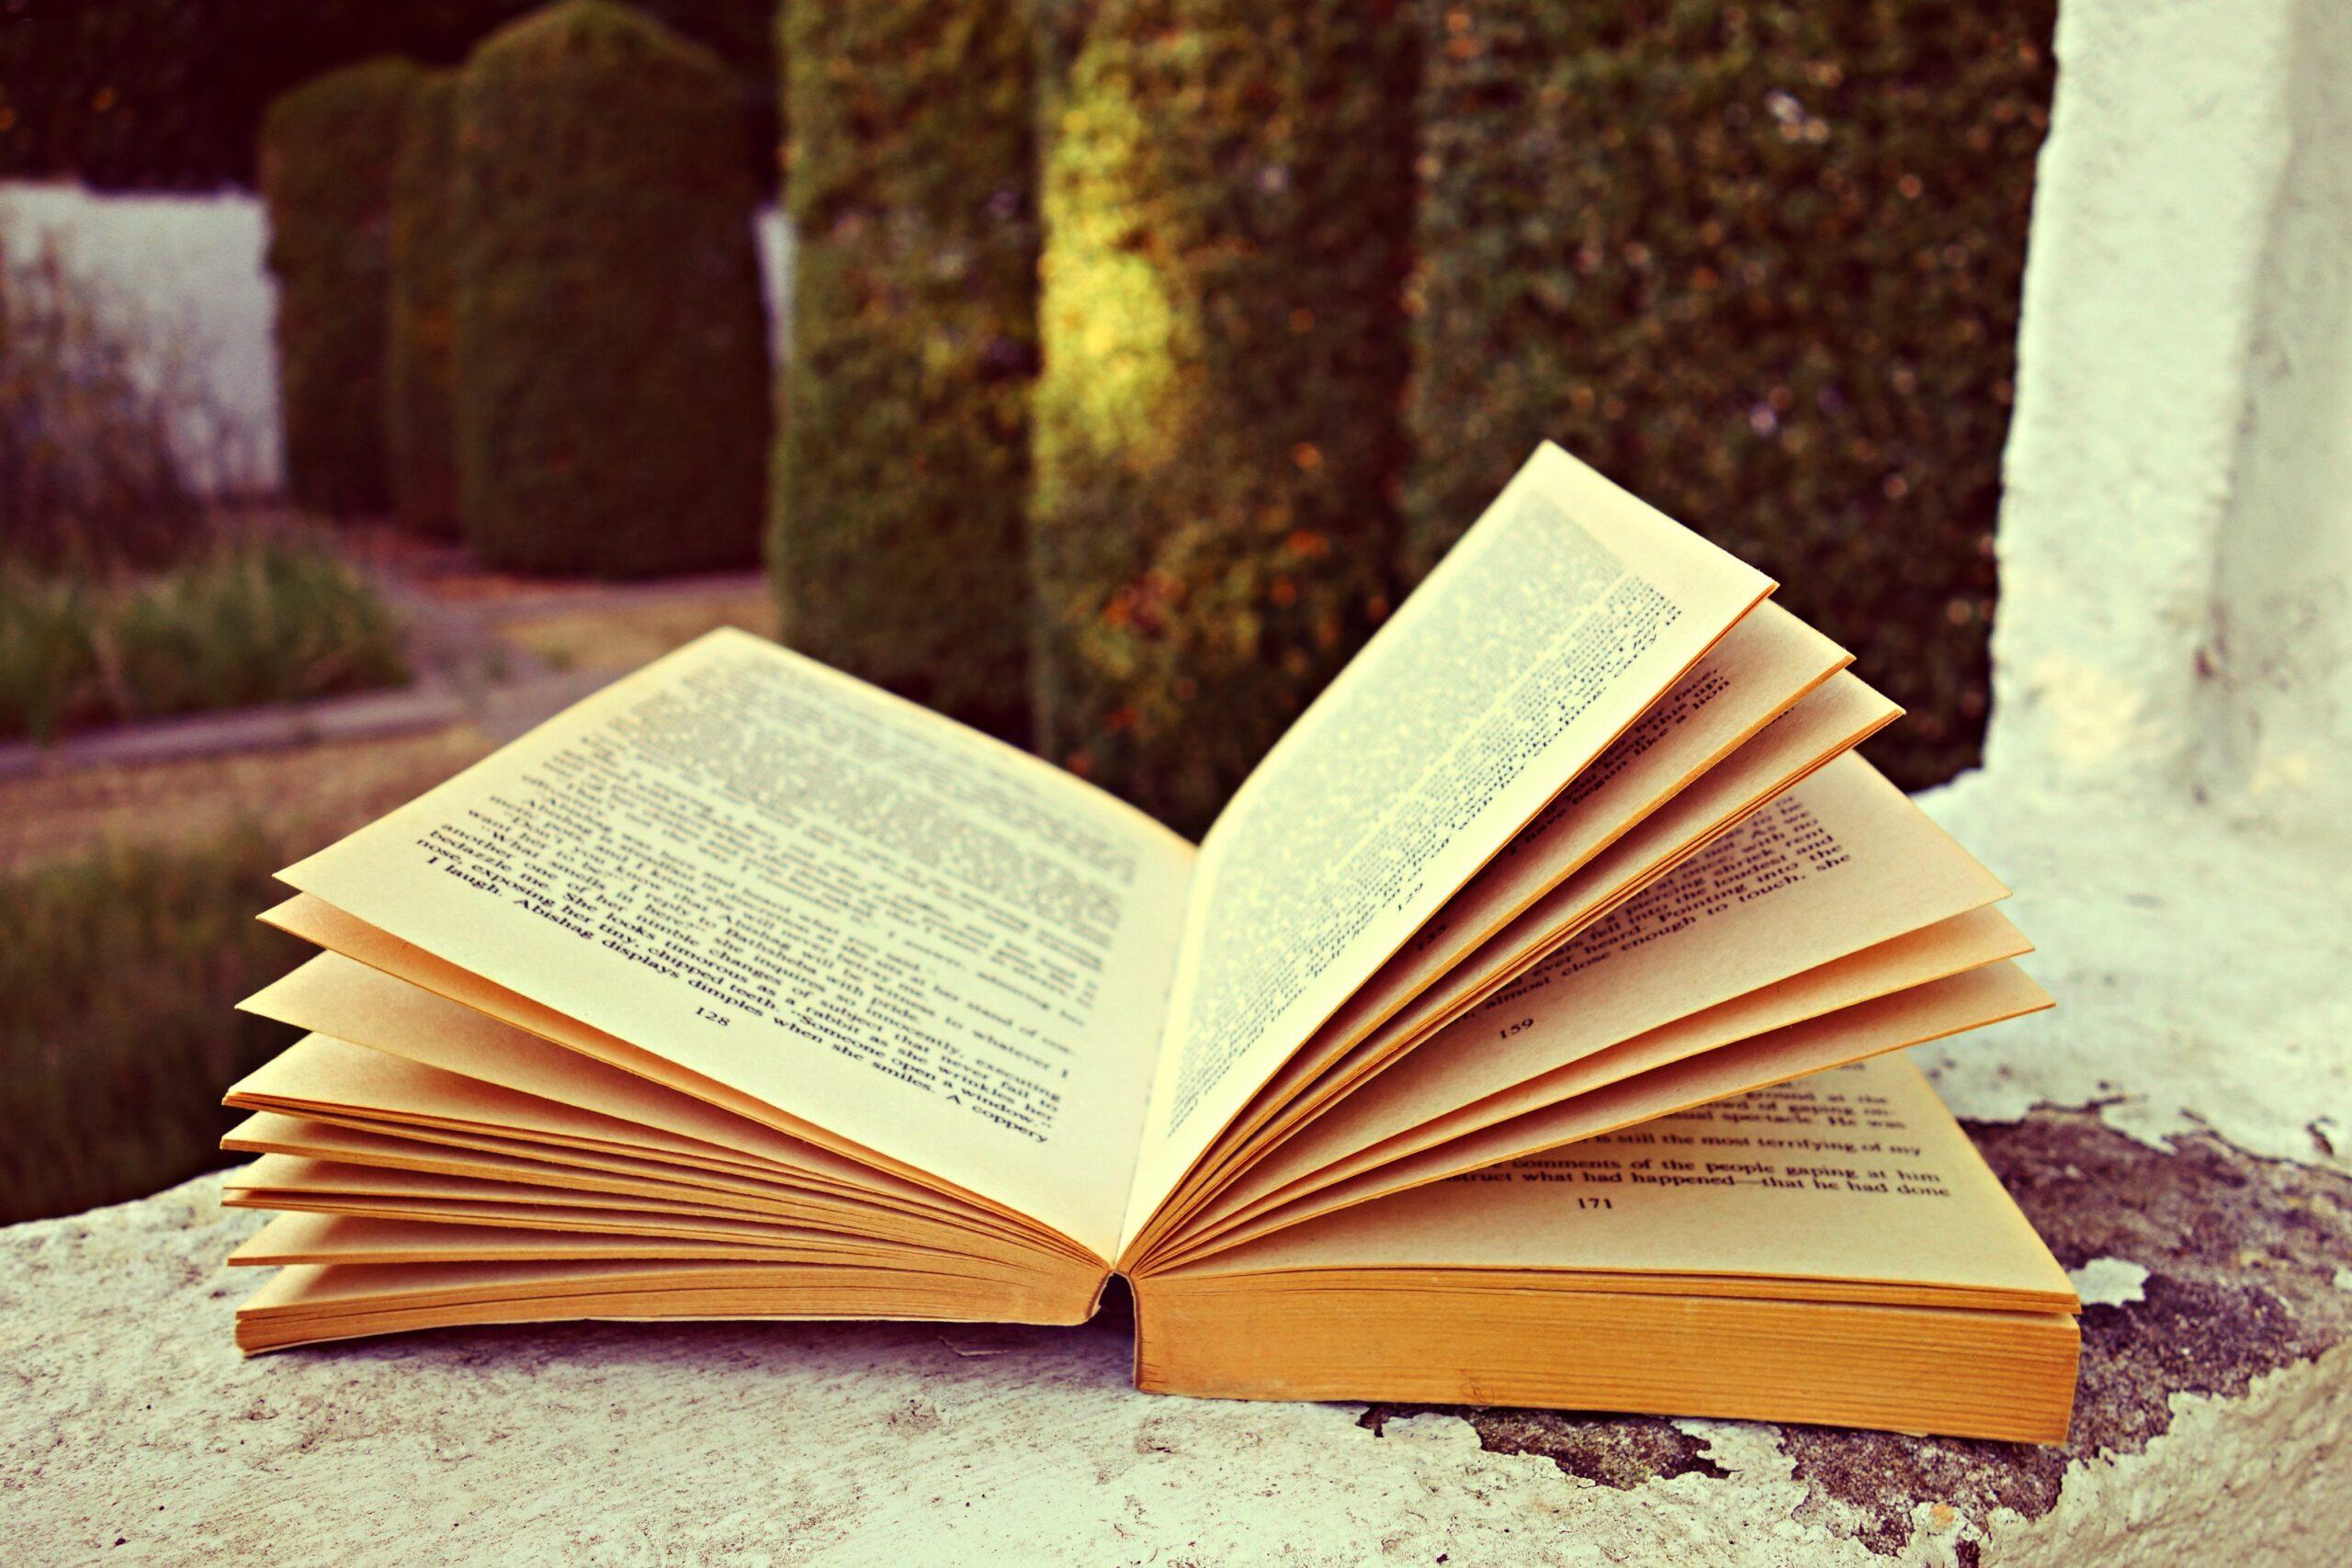 Која е улогата на првите реченици во книгите и кои се најпознатите први реченици од светската книжевност?